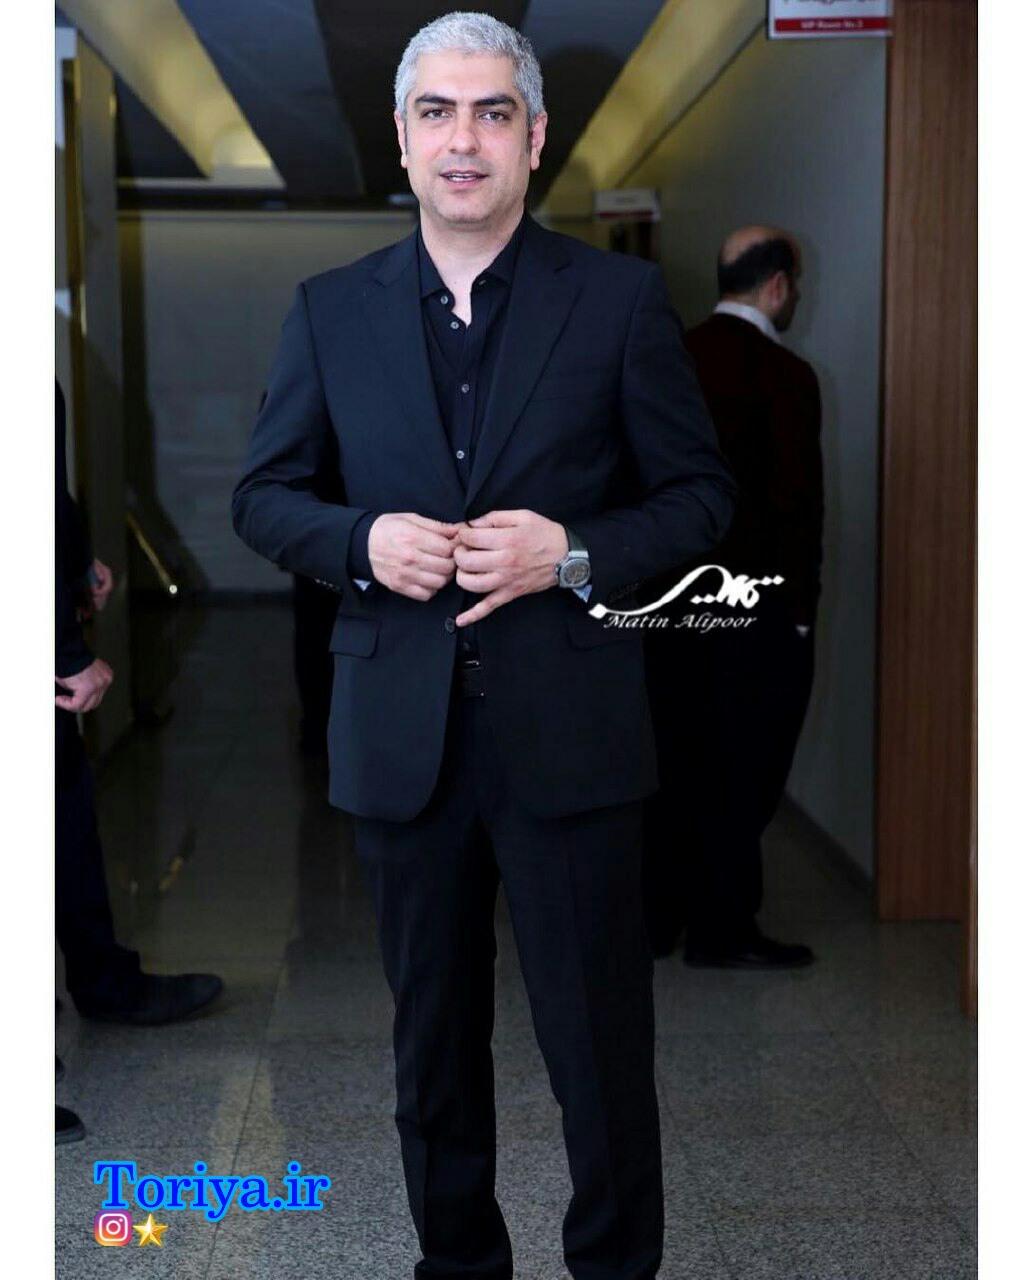 عکس مهدی پاکدل در افتتاحیه سی و پنجمین جشنواره فیلم فجر_فجر 35